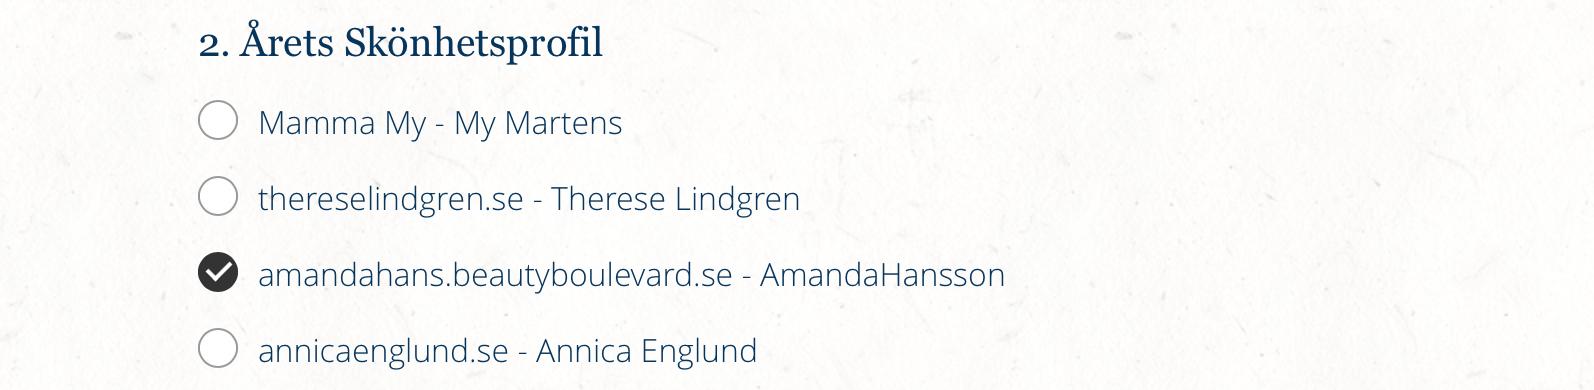 Nominerad Årets Skönhetsprofil SocialU mässa amandahans skönhetsblogg, Återblick 2016